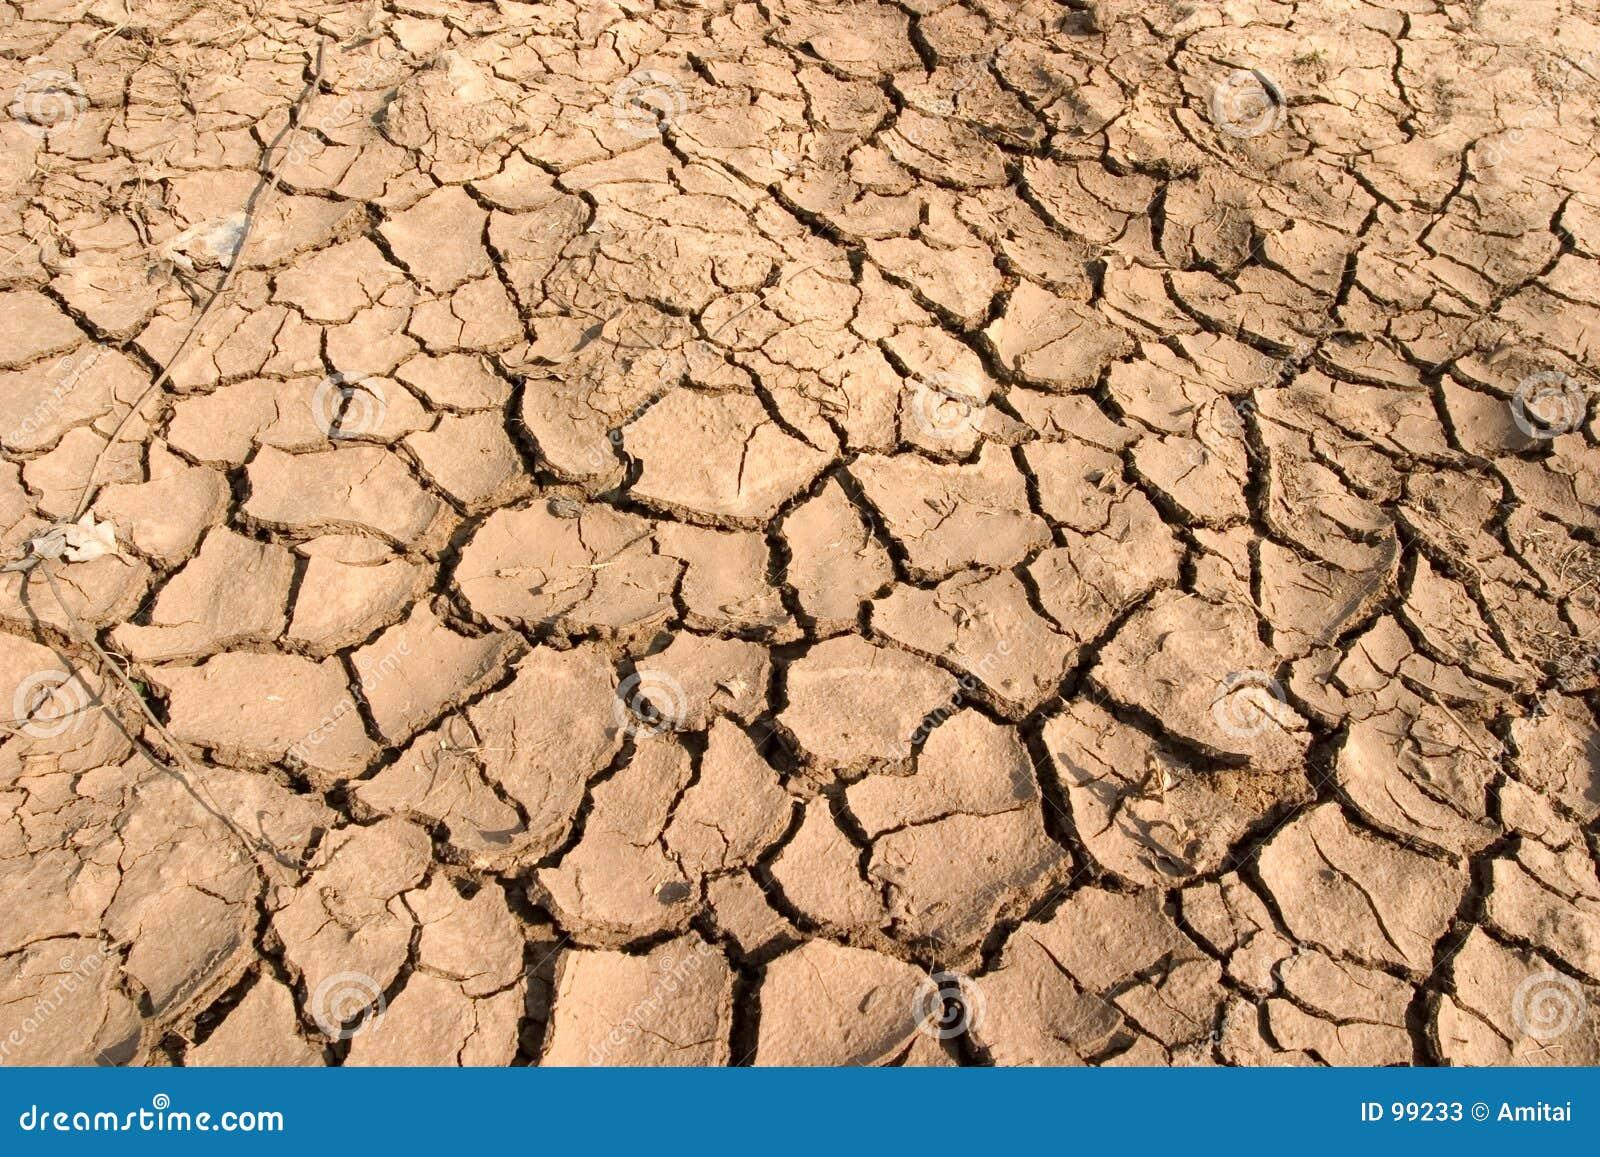 Dry Mud Stock Photos Image 99233